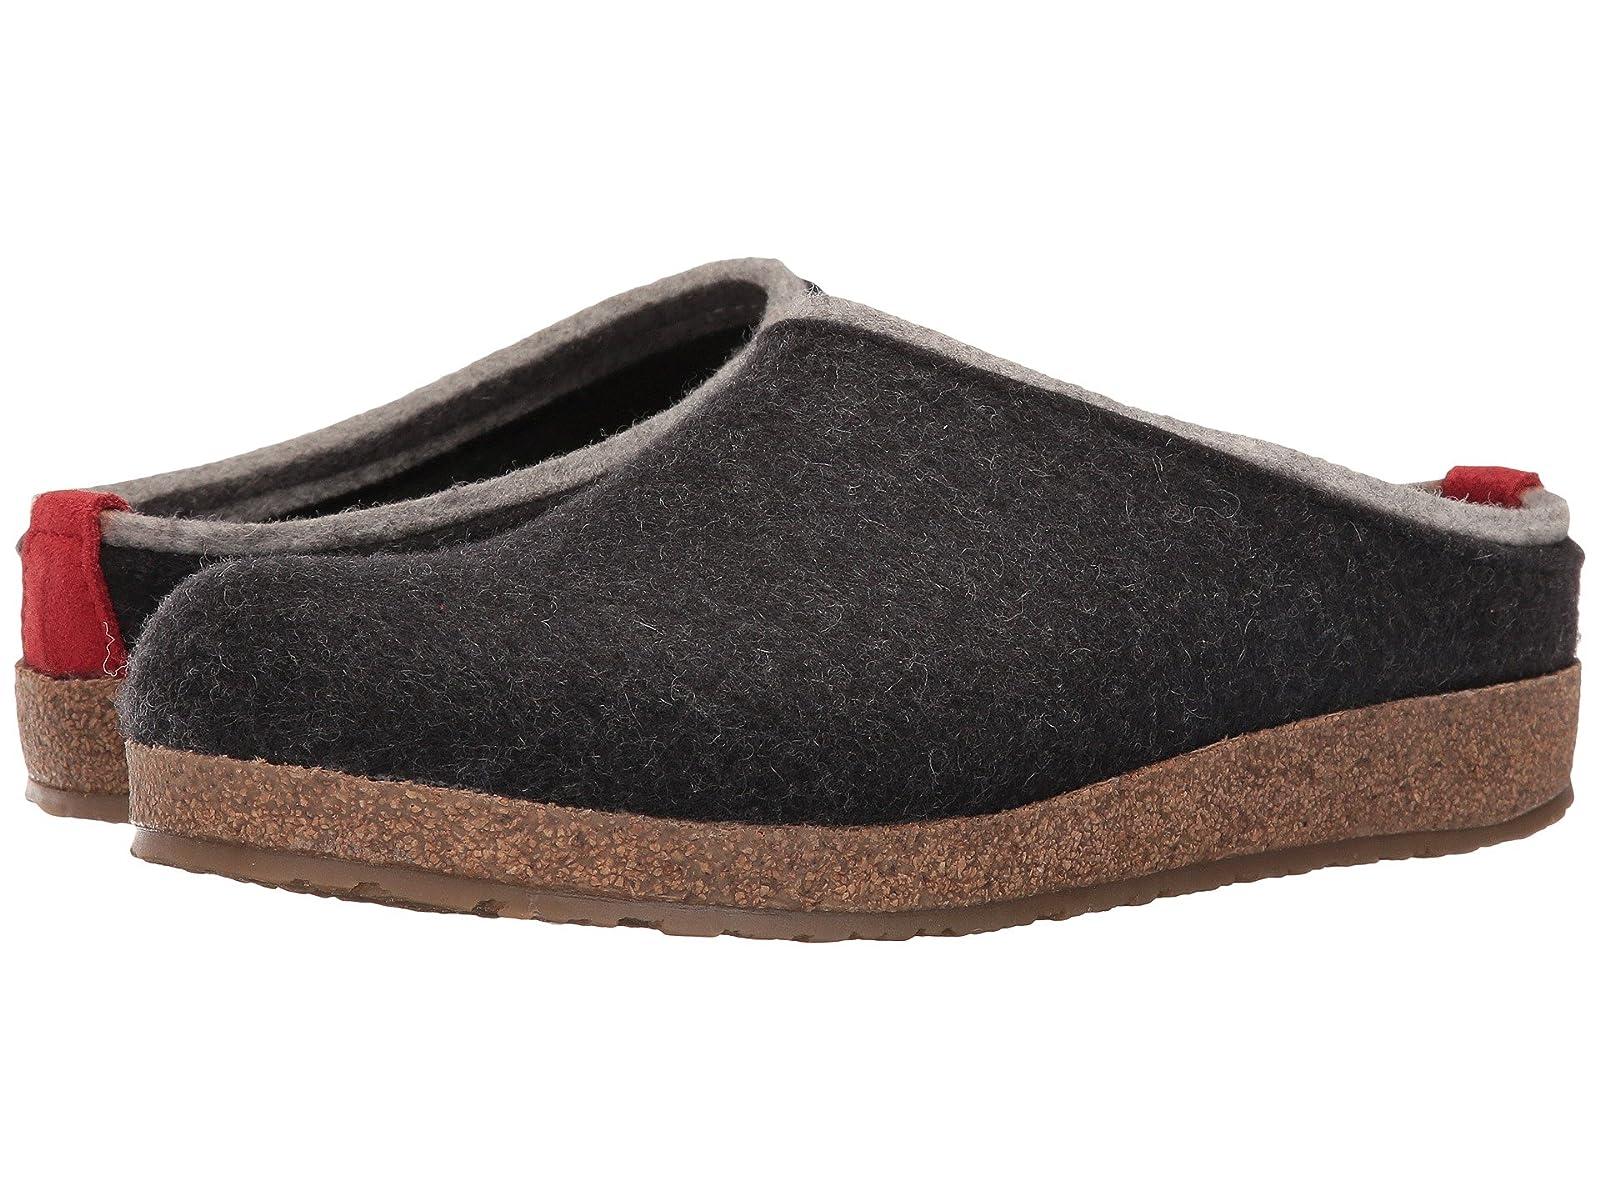 Haflinger KrisAtmospheric grades have affordable shoes